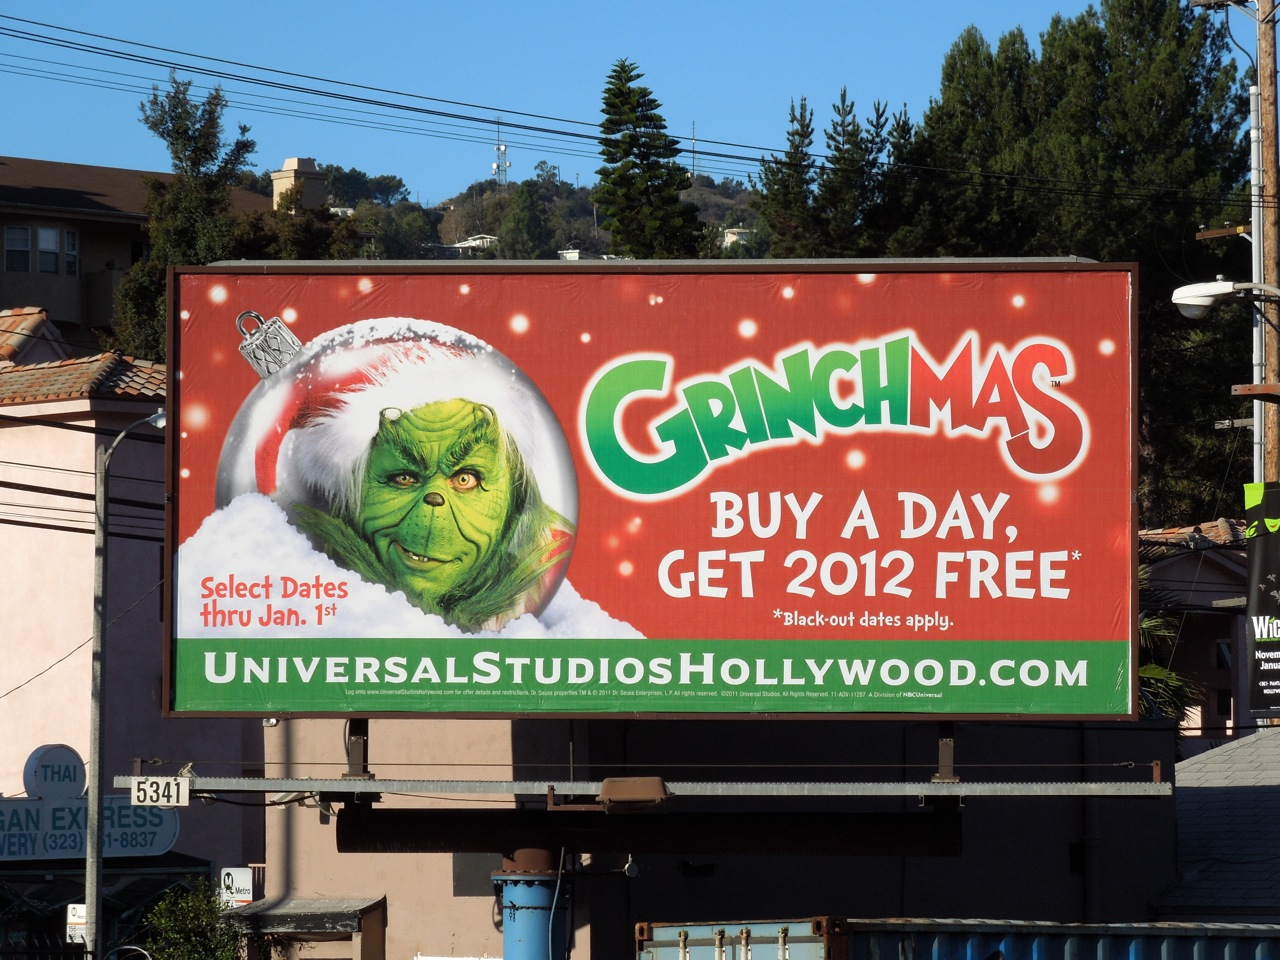 http://2.bp.blogspot.com/-xN5QqsgPNm8/T-Dv6xJR52I/AAAAAAAAszI/XOFqVDx4928/s1600/UniversalStudios+Grinchmas+billboard.jpg